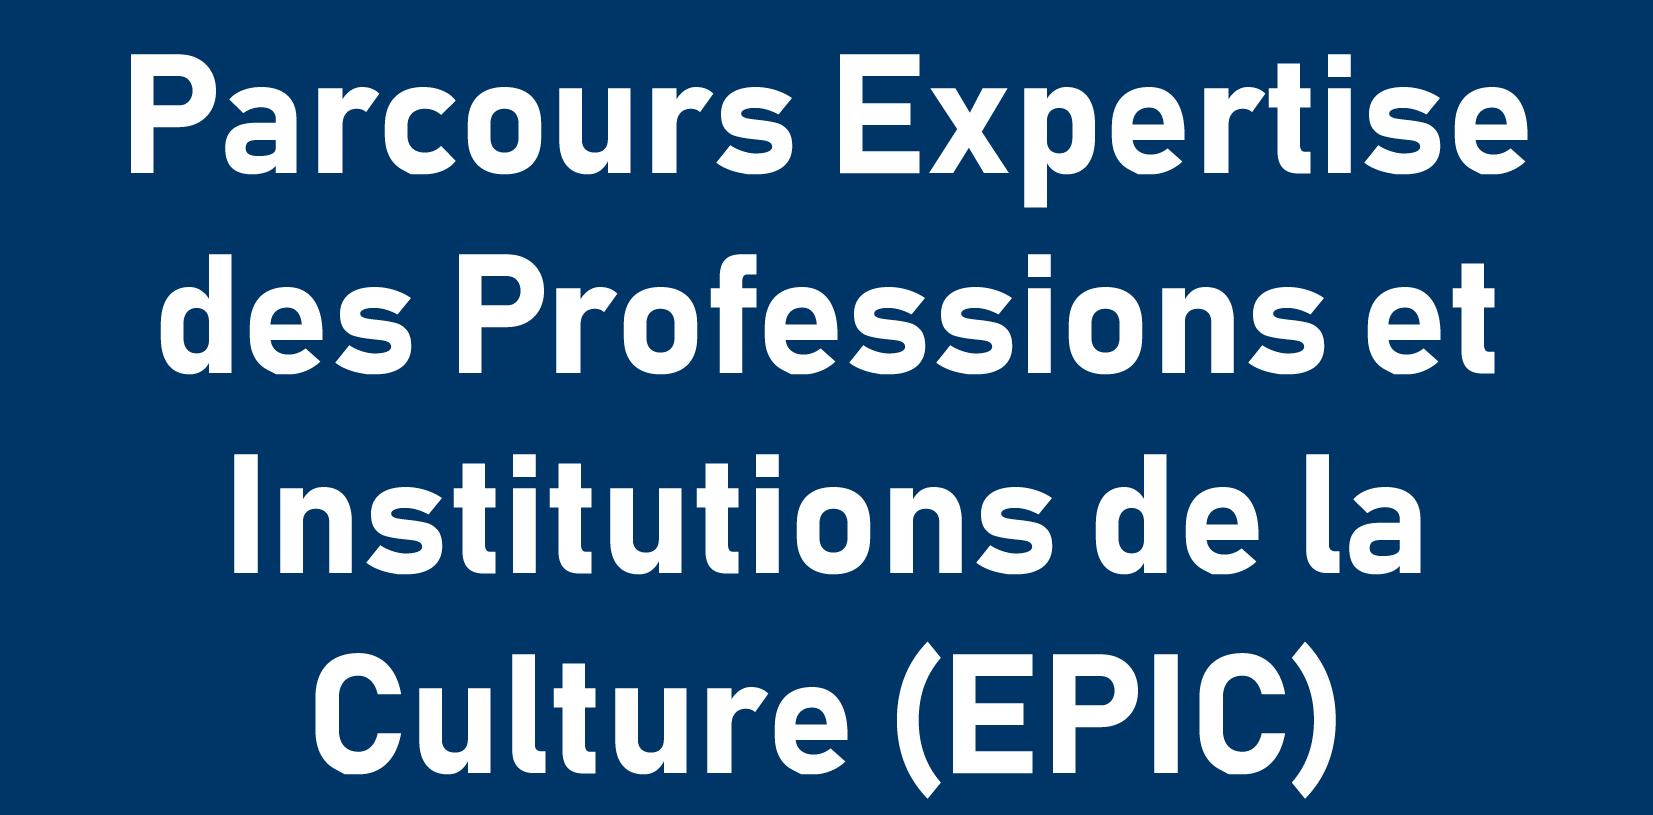 Parcours Expertise des Professions et Institutions de la Culture (EPIC)